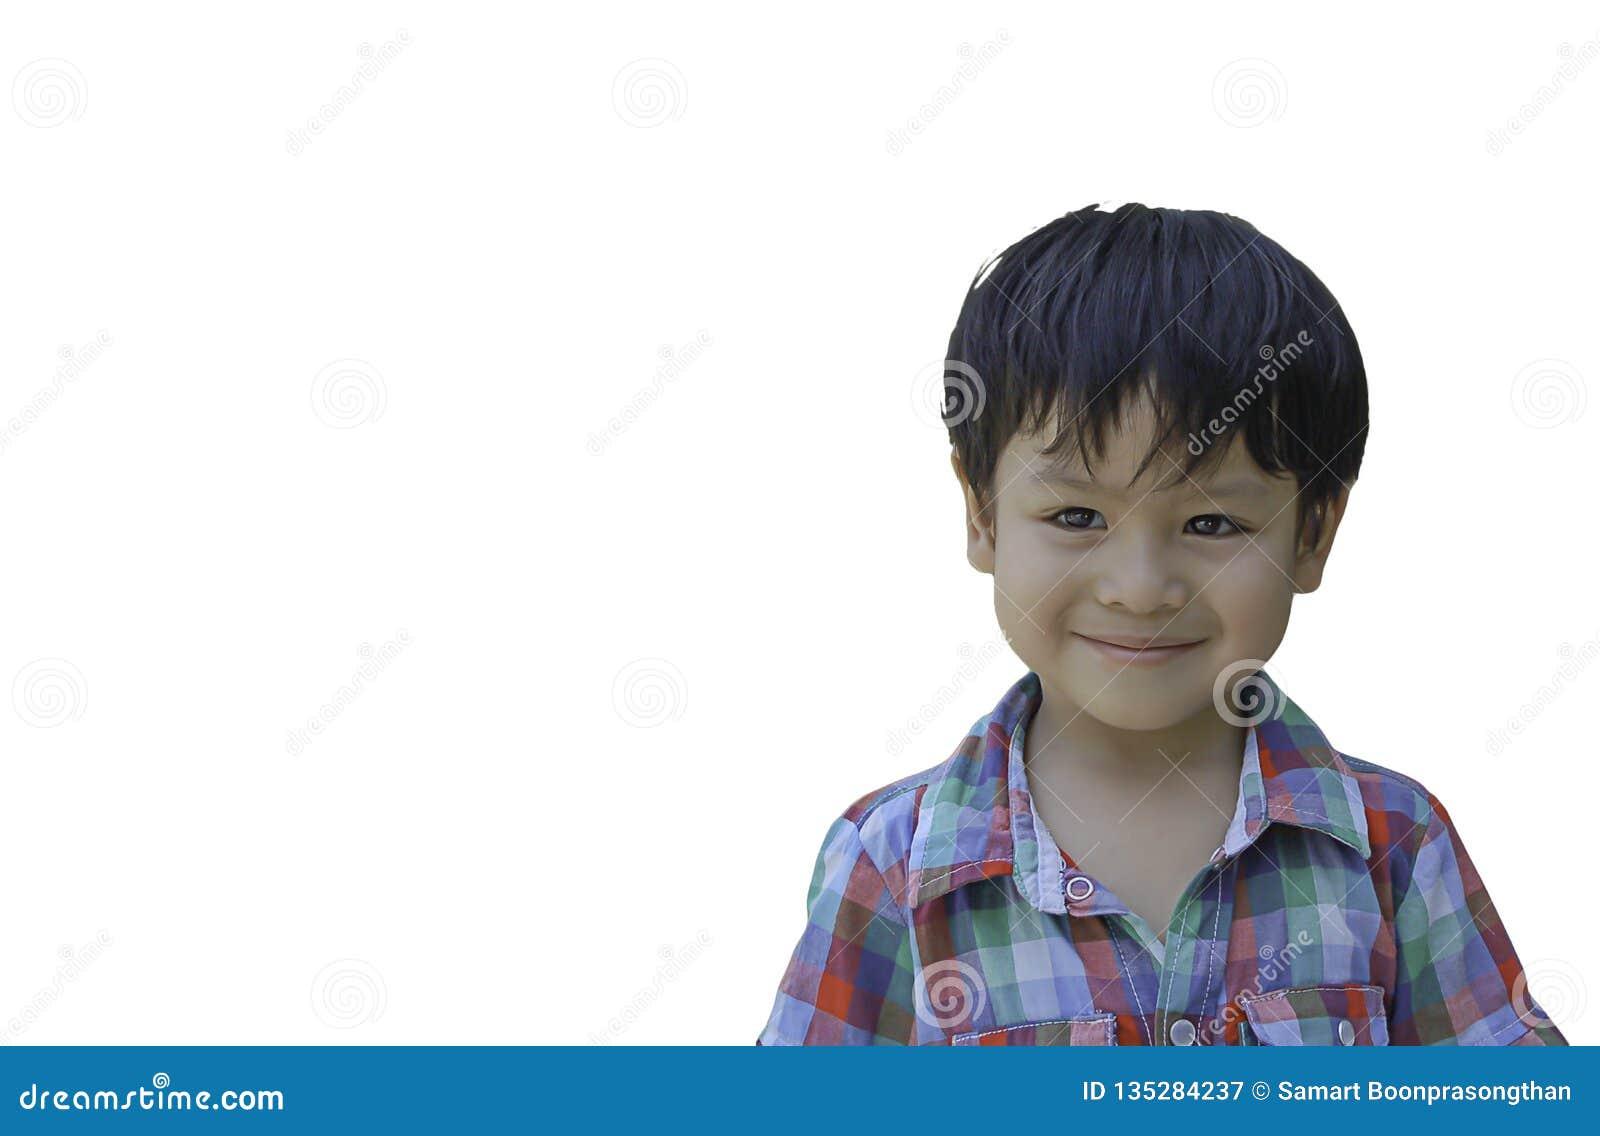 De geïsoleerde Portret Aziatische jongen glimlachte gelukkig op witte achtergrond met het knippen van weg